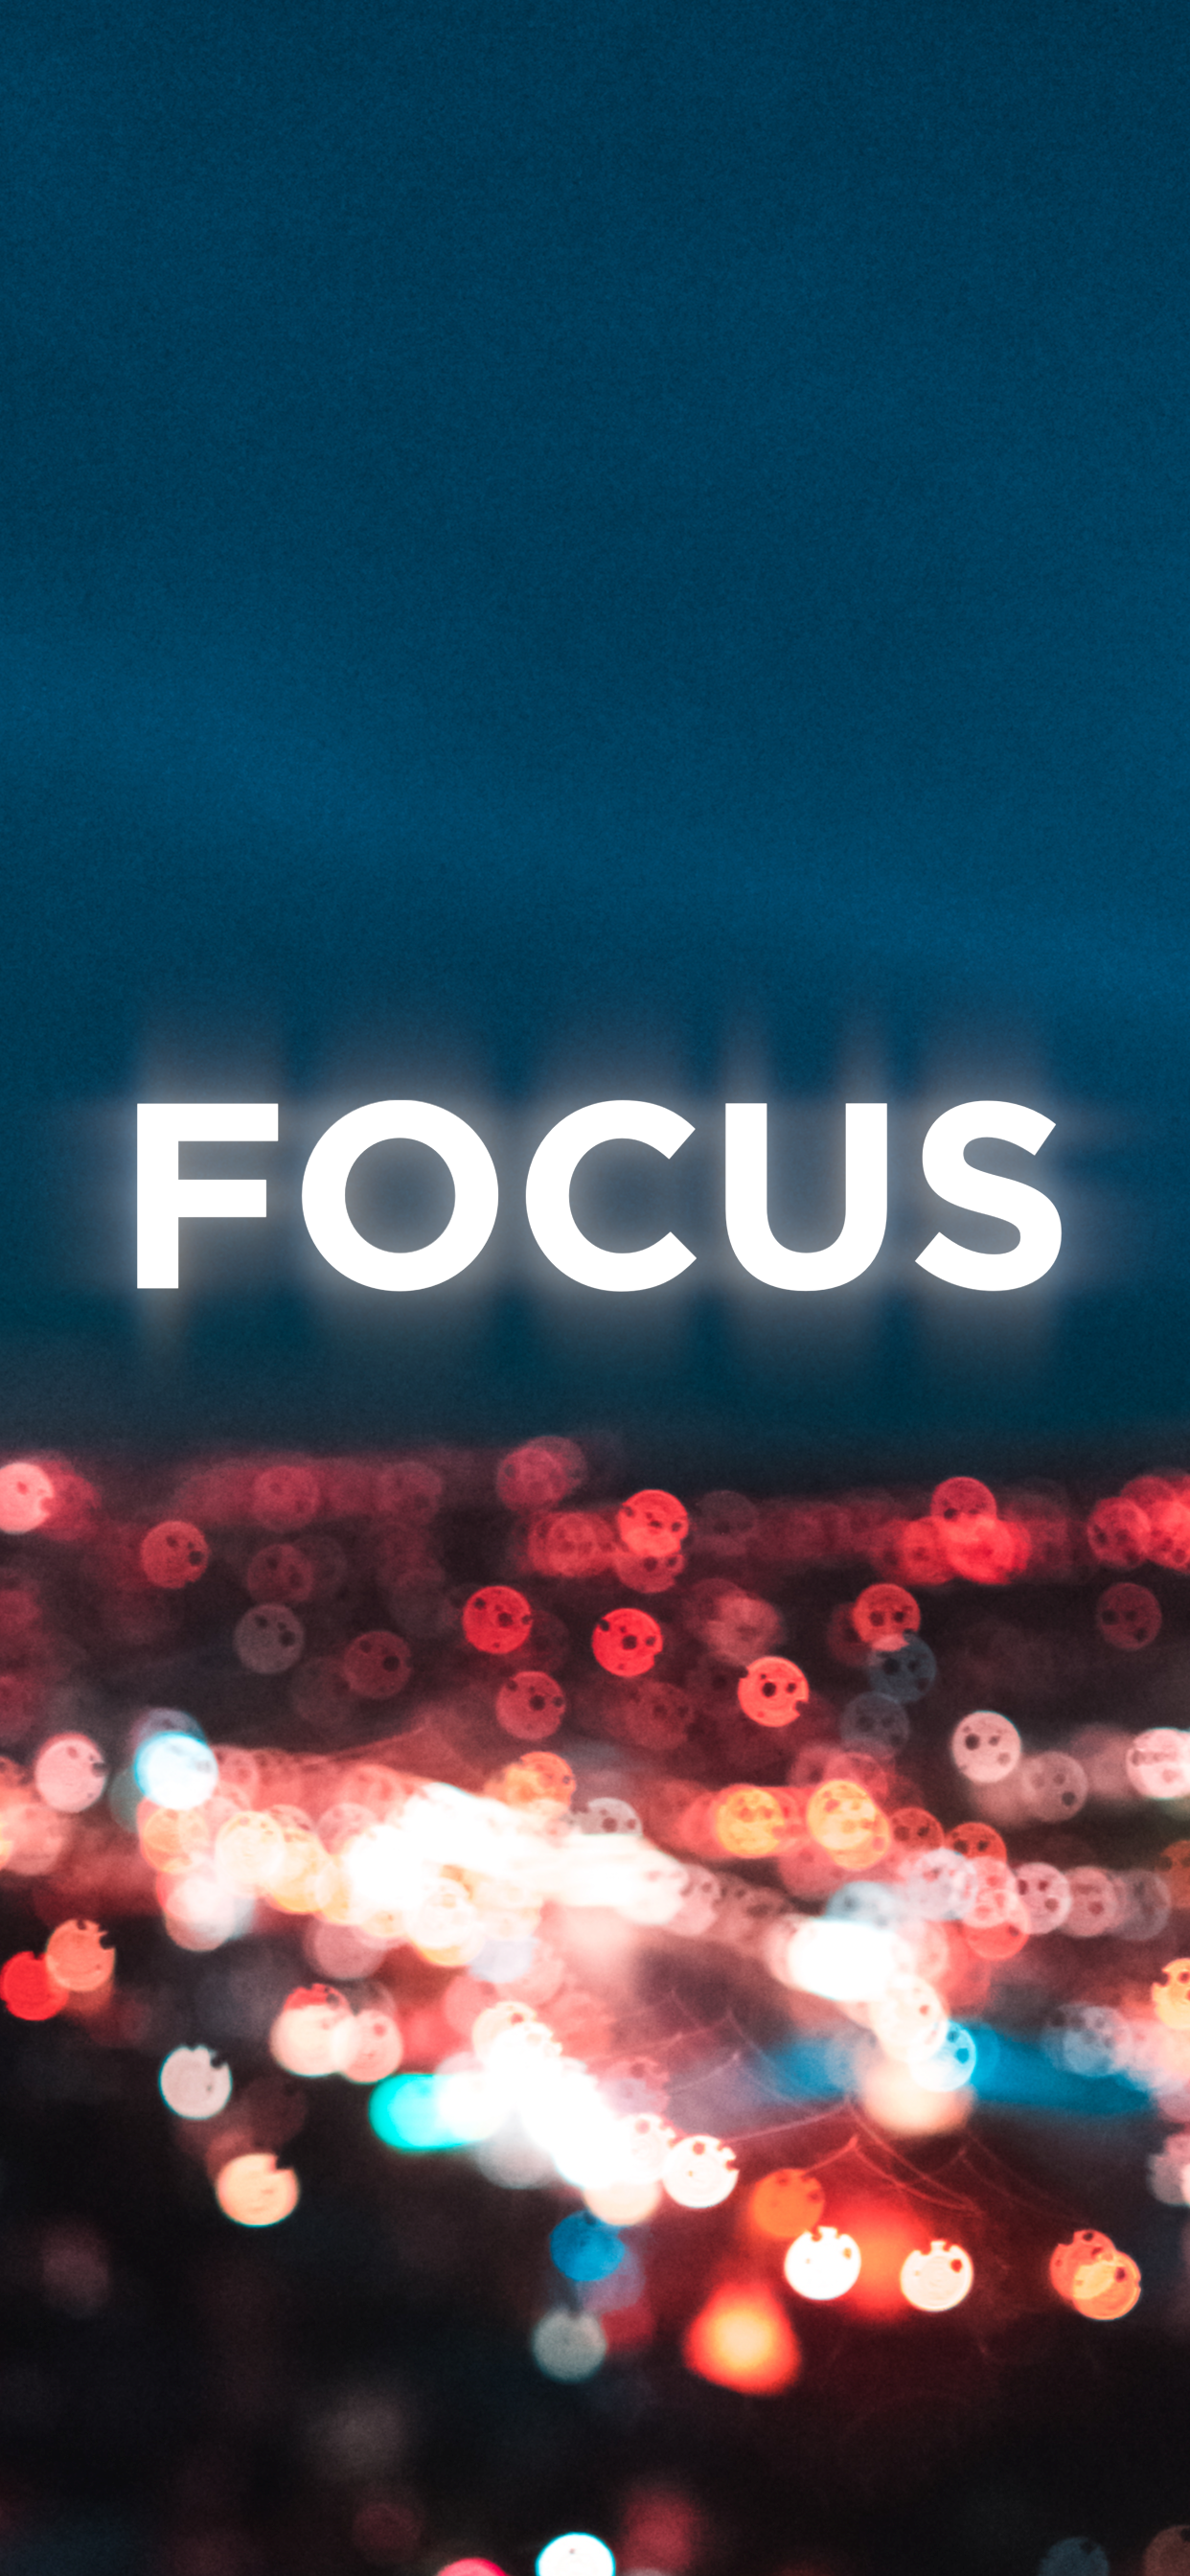 iphone-focus-background-2